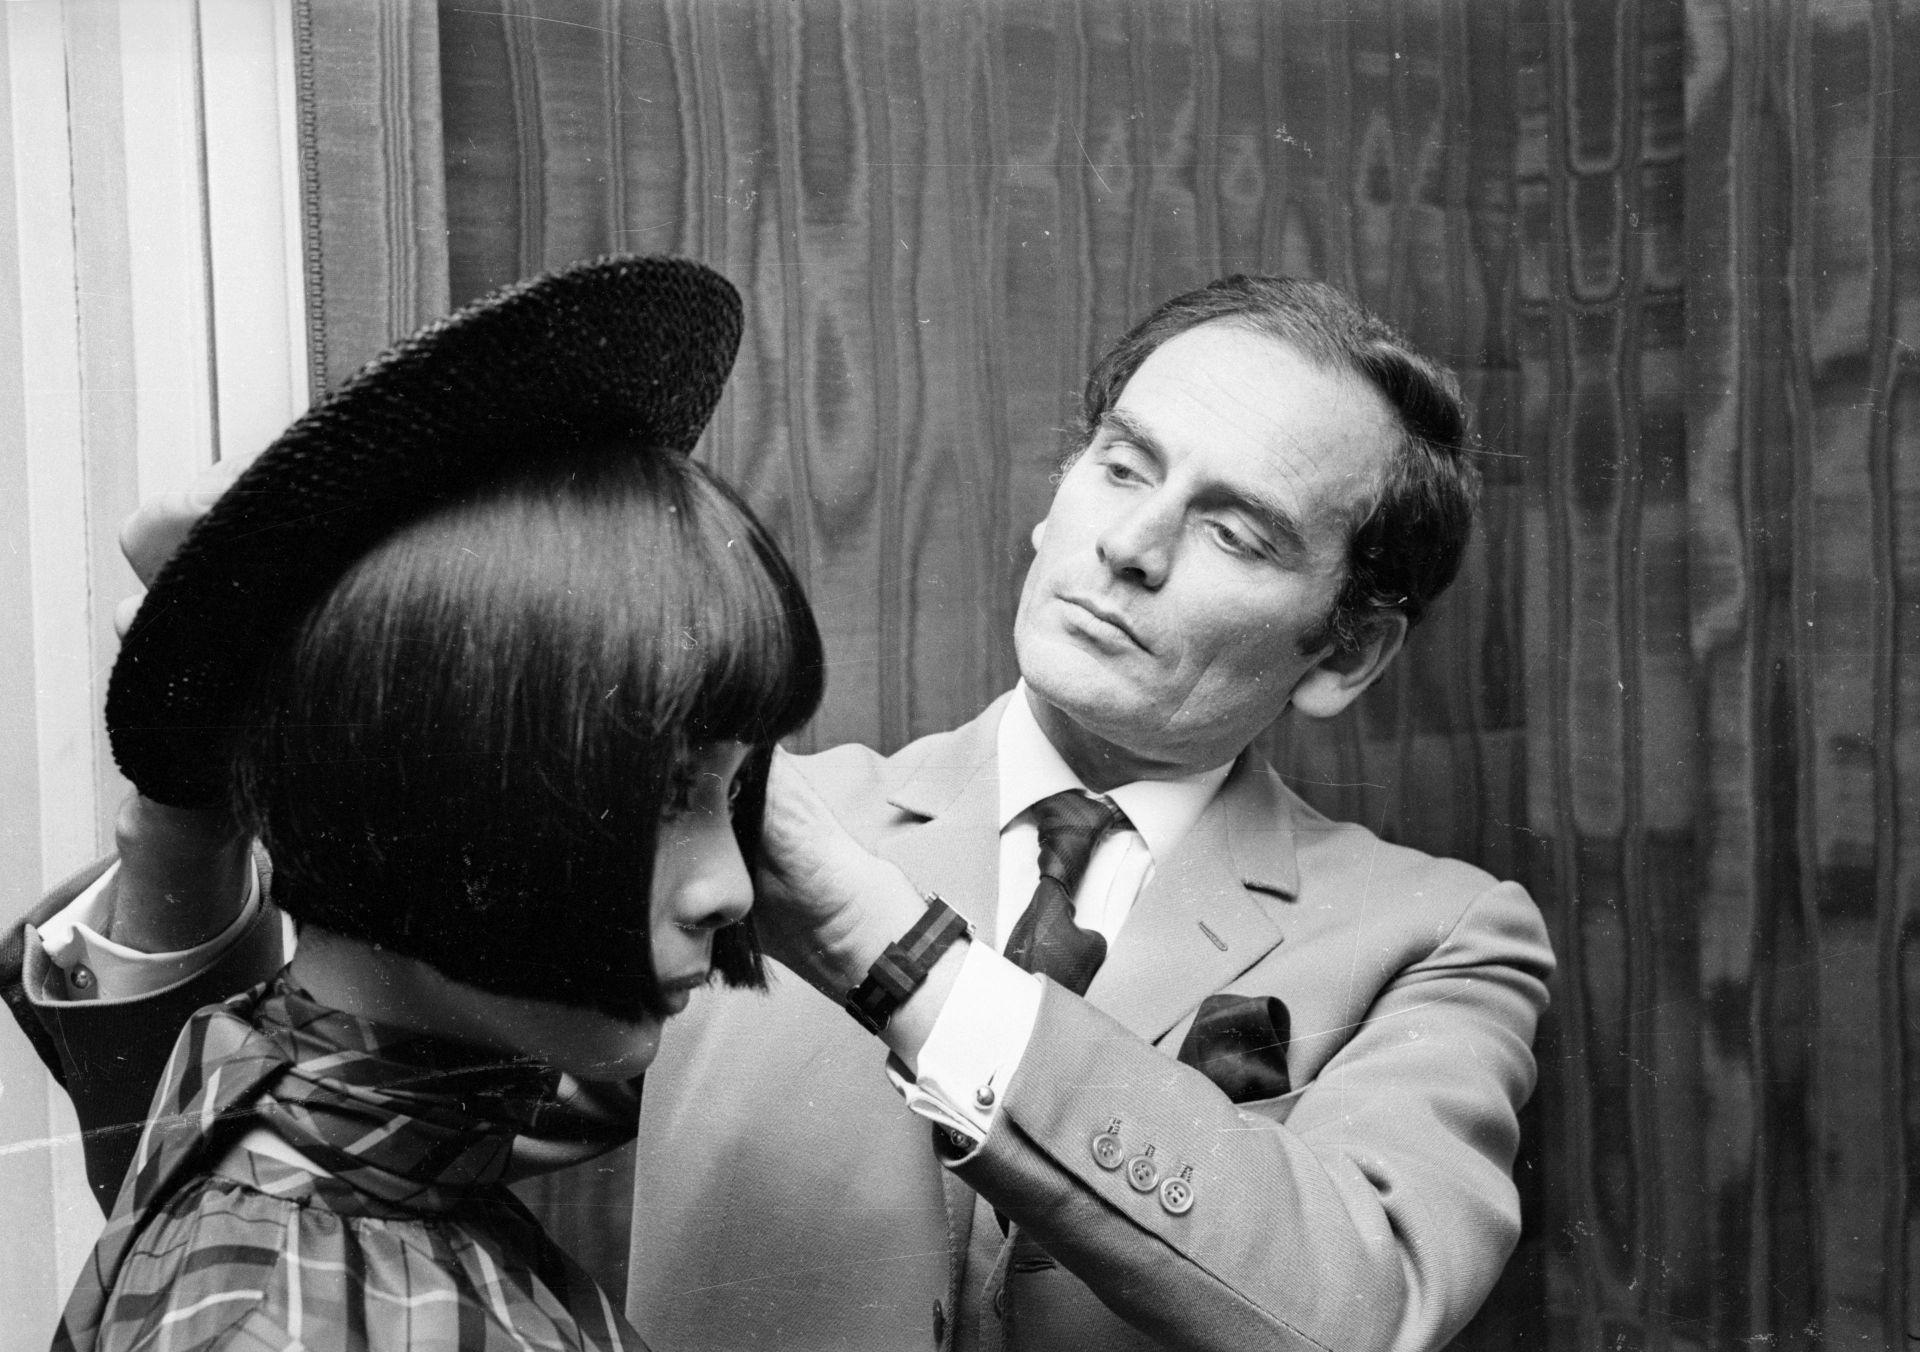 8 април 1965 г. - Пиер Карден подготвя модел при отварянето на модната си къща